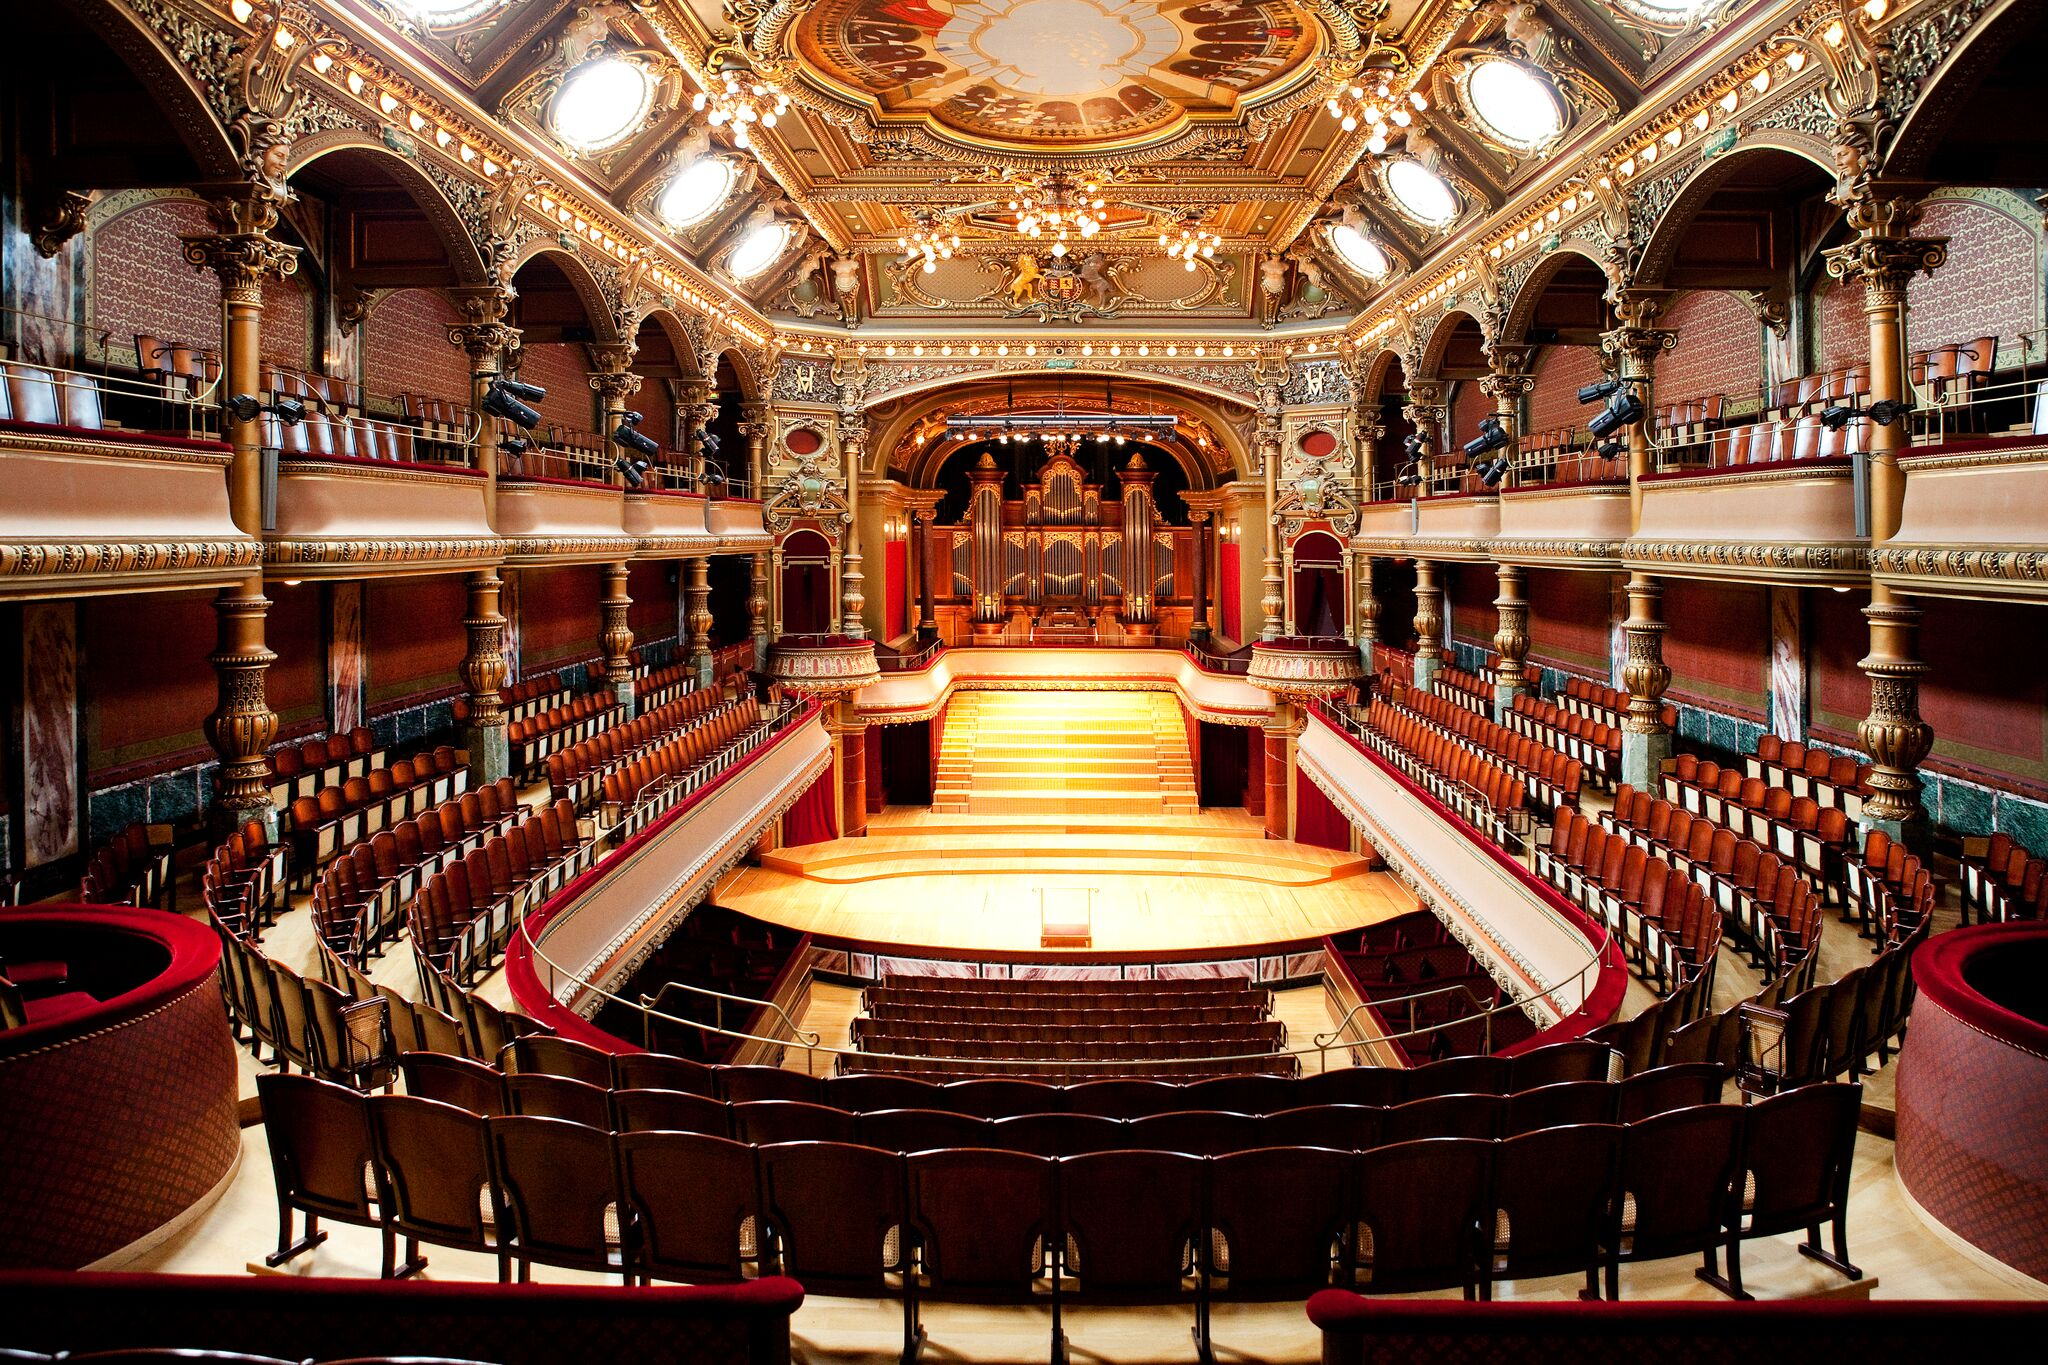 Konzertsaal Genf Schweiz Swiss Orchestra Lena Lisa Wüstendörfer Matthias Bruns Stimmführer Violine Coaching Probespielvorbereitung Masterclass Meisterkurs